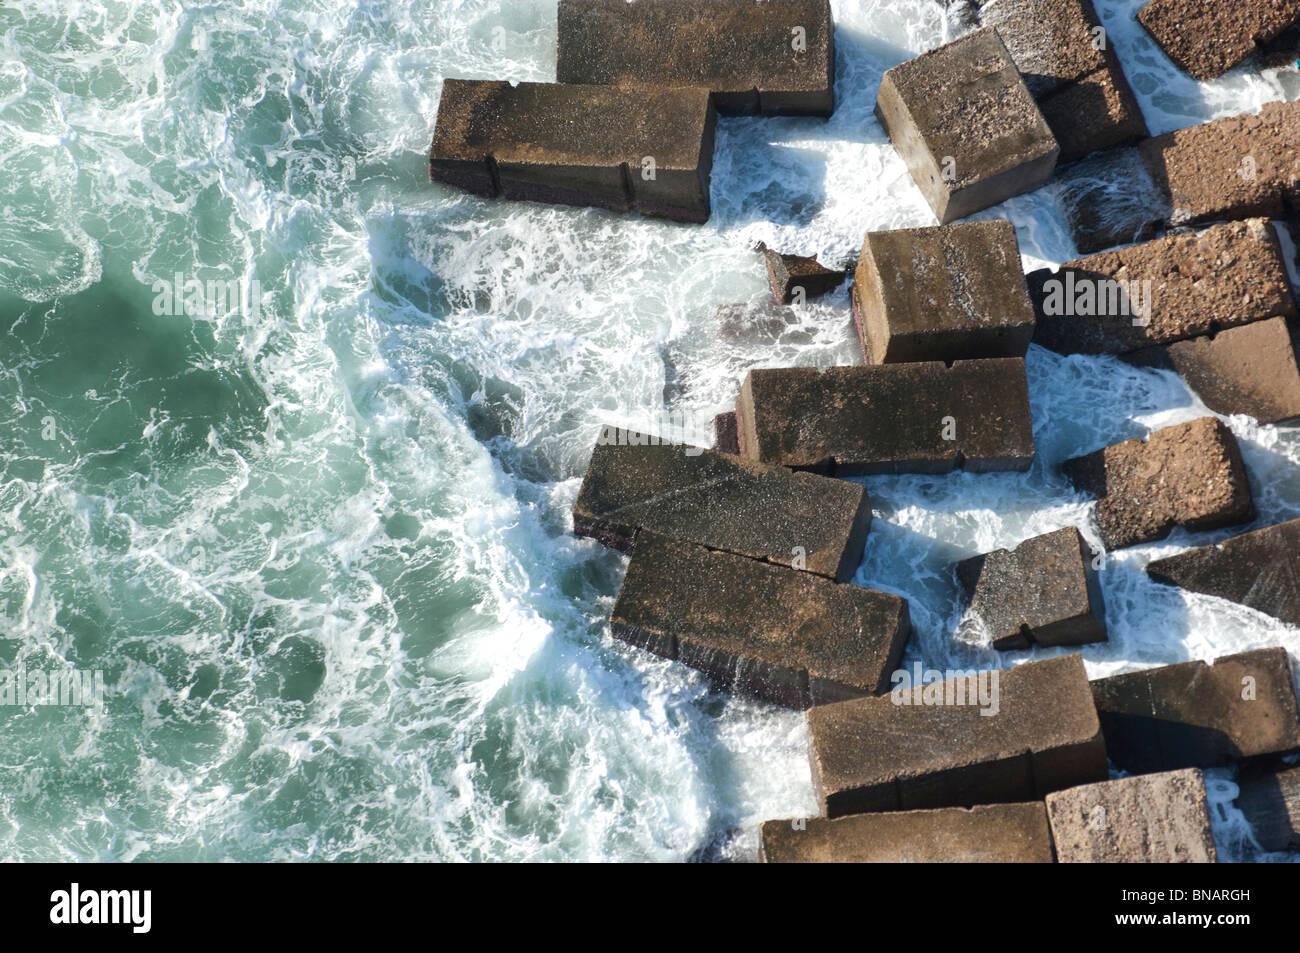 Surfez livres sur des blocs de ciment utilisés pour dissiper l'énergie des mers en une rupture mur. Photo Stock